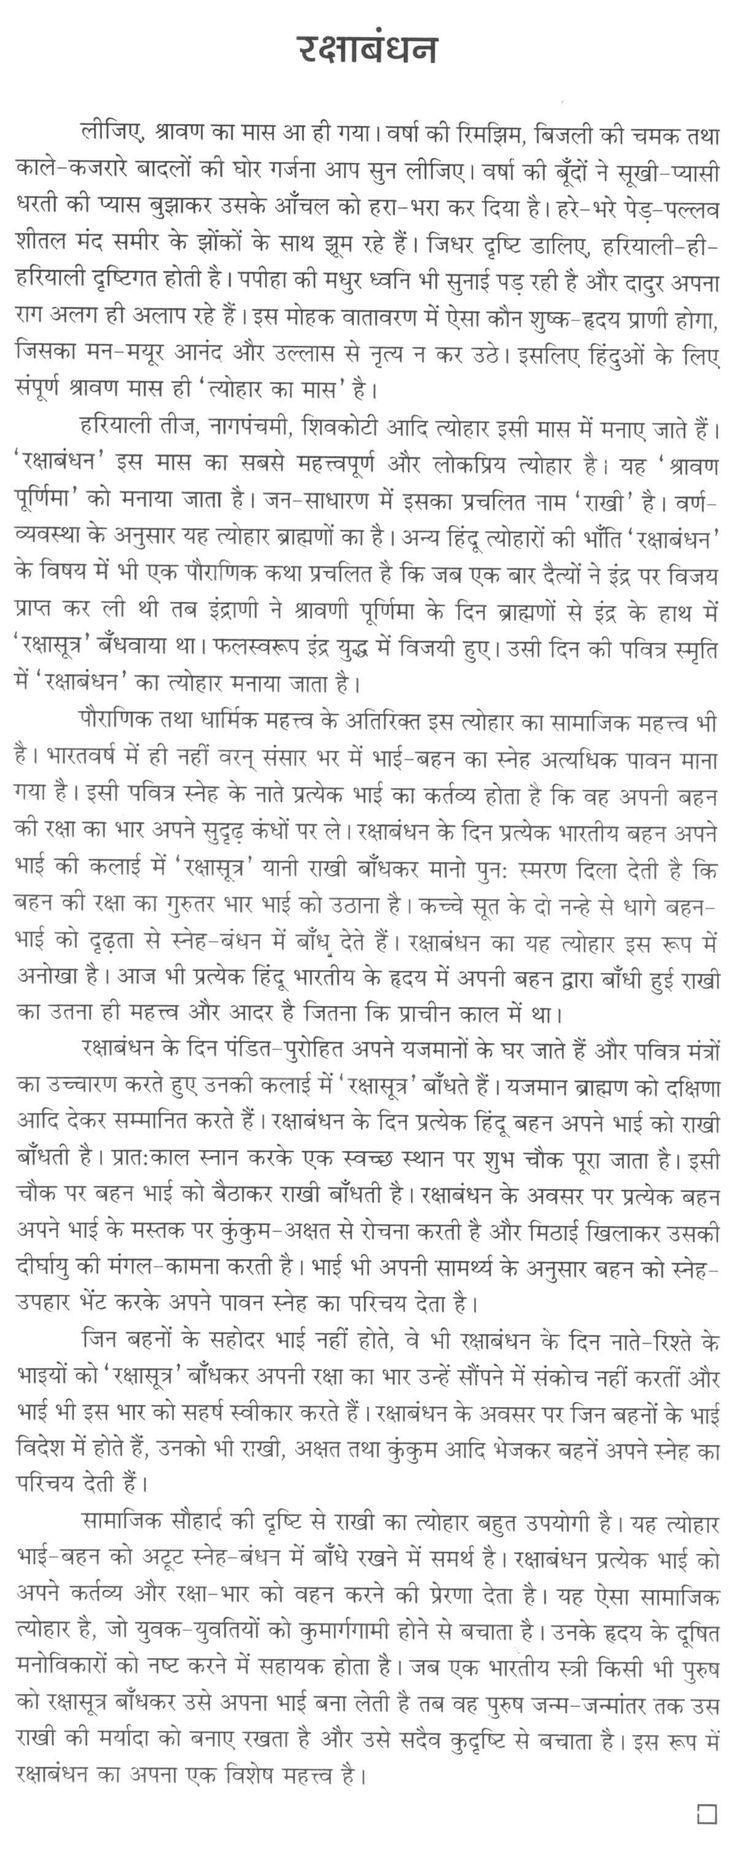 Essay raksha bandhan